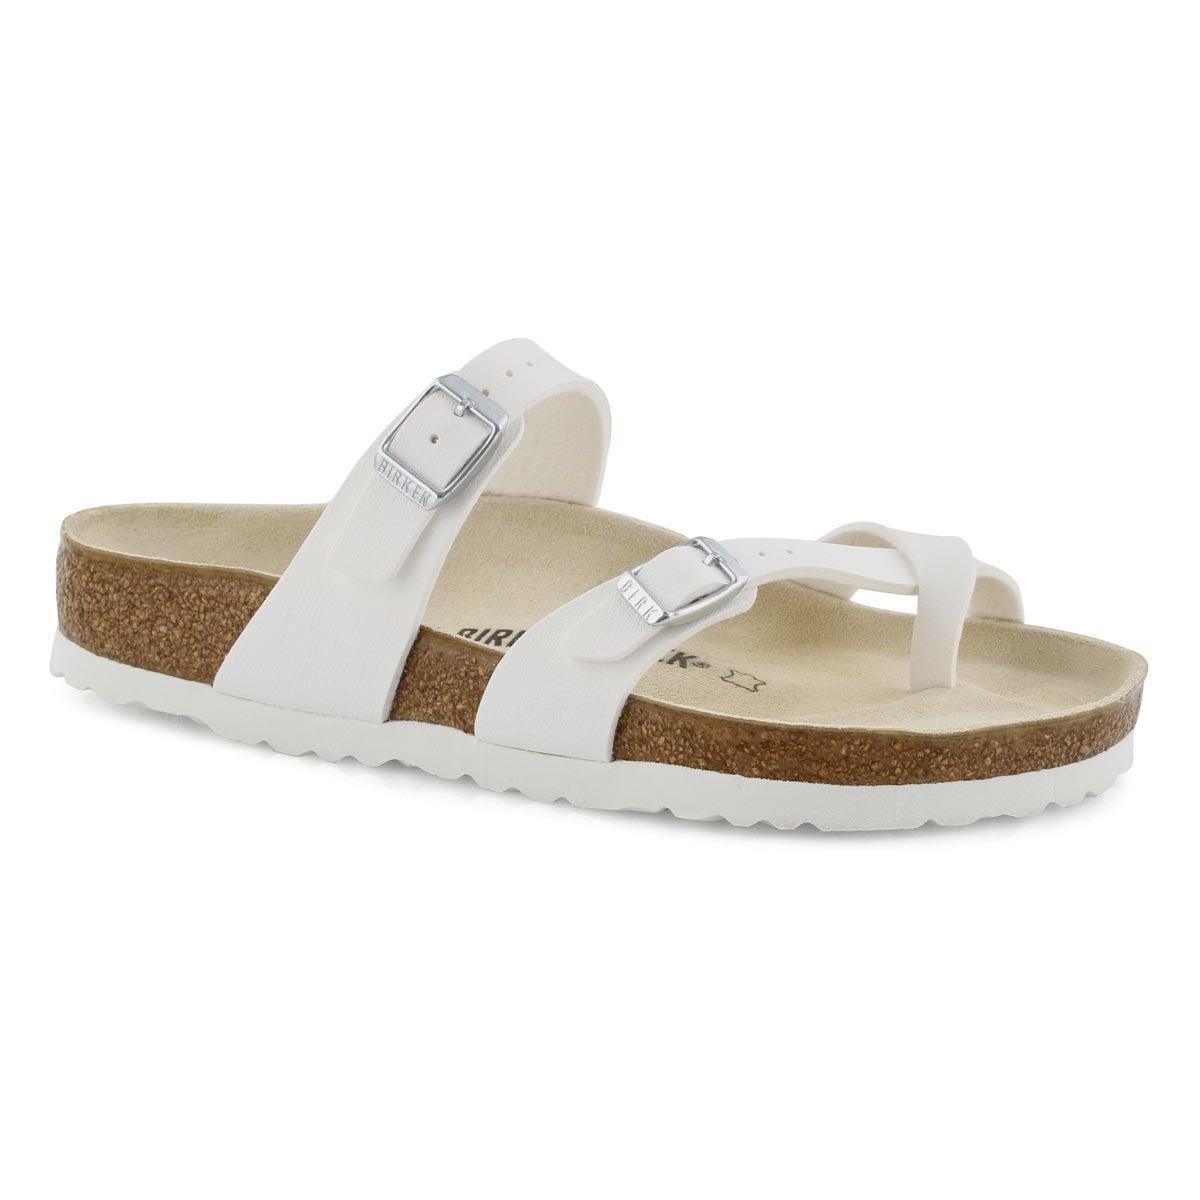 Sandales tongs Mayari, blanc, fem